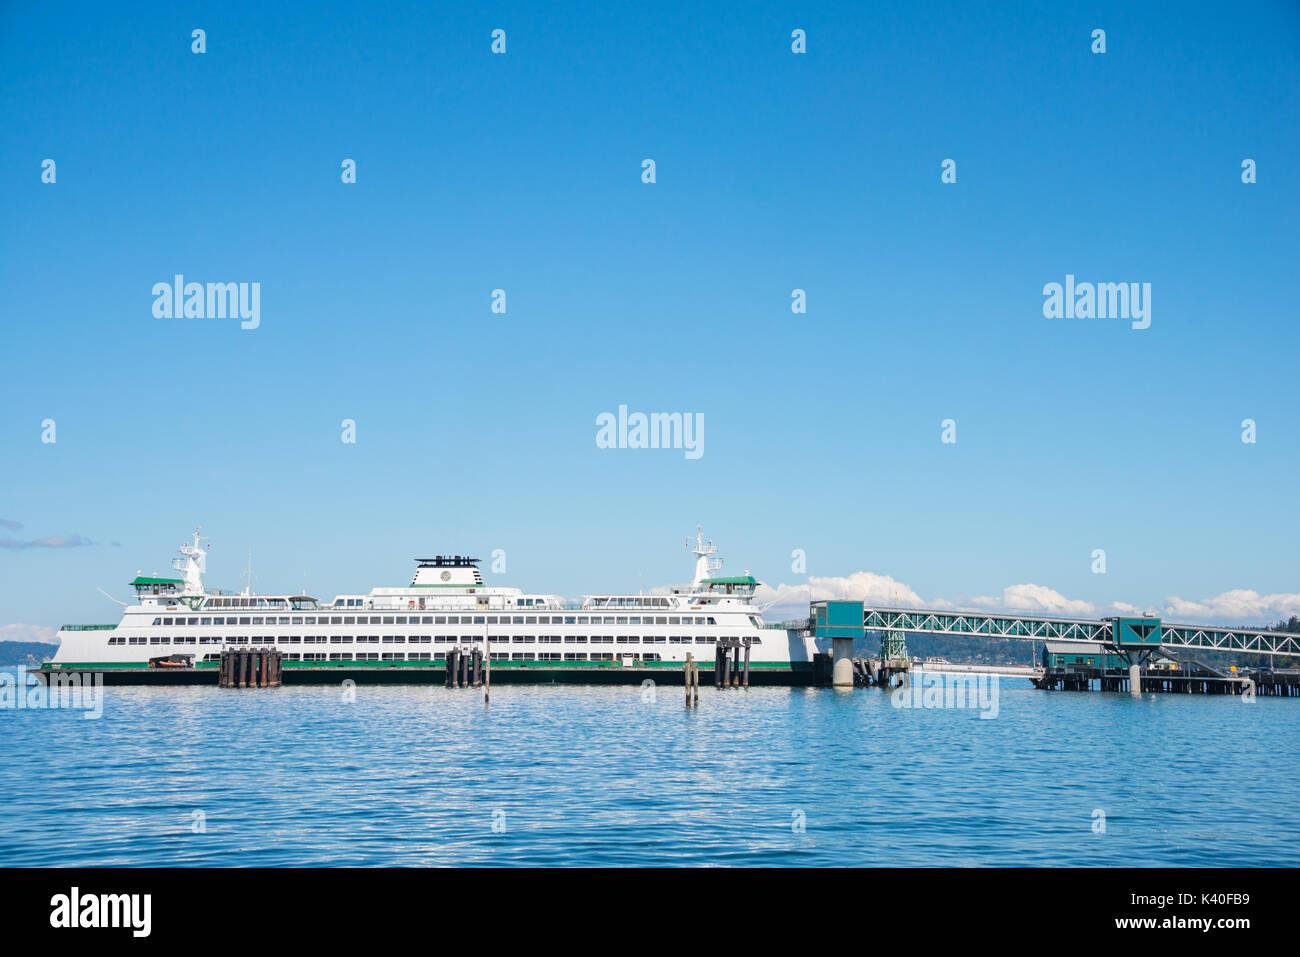 Washington State Car Ferry at Dock Edmonds Washington - Stock Image